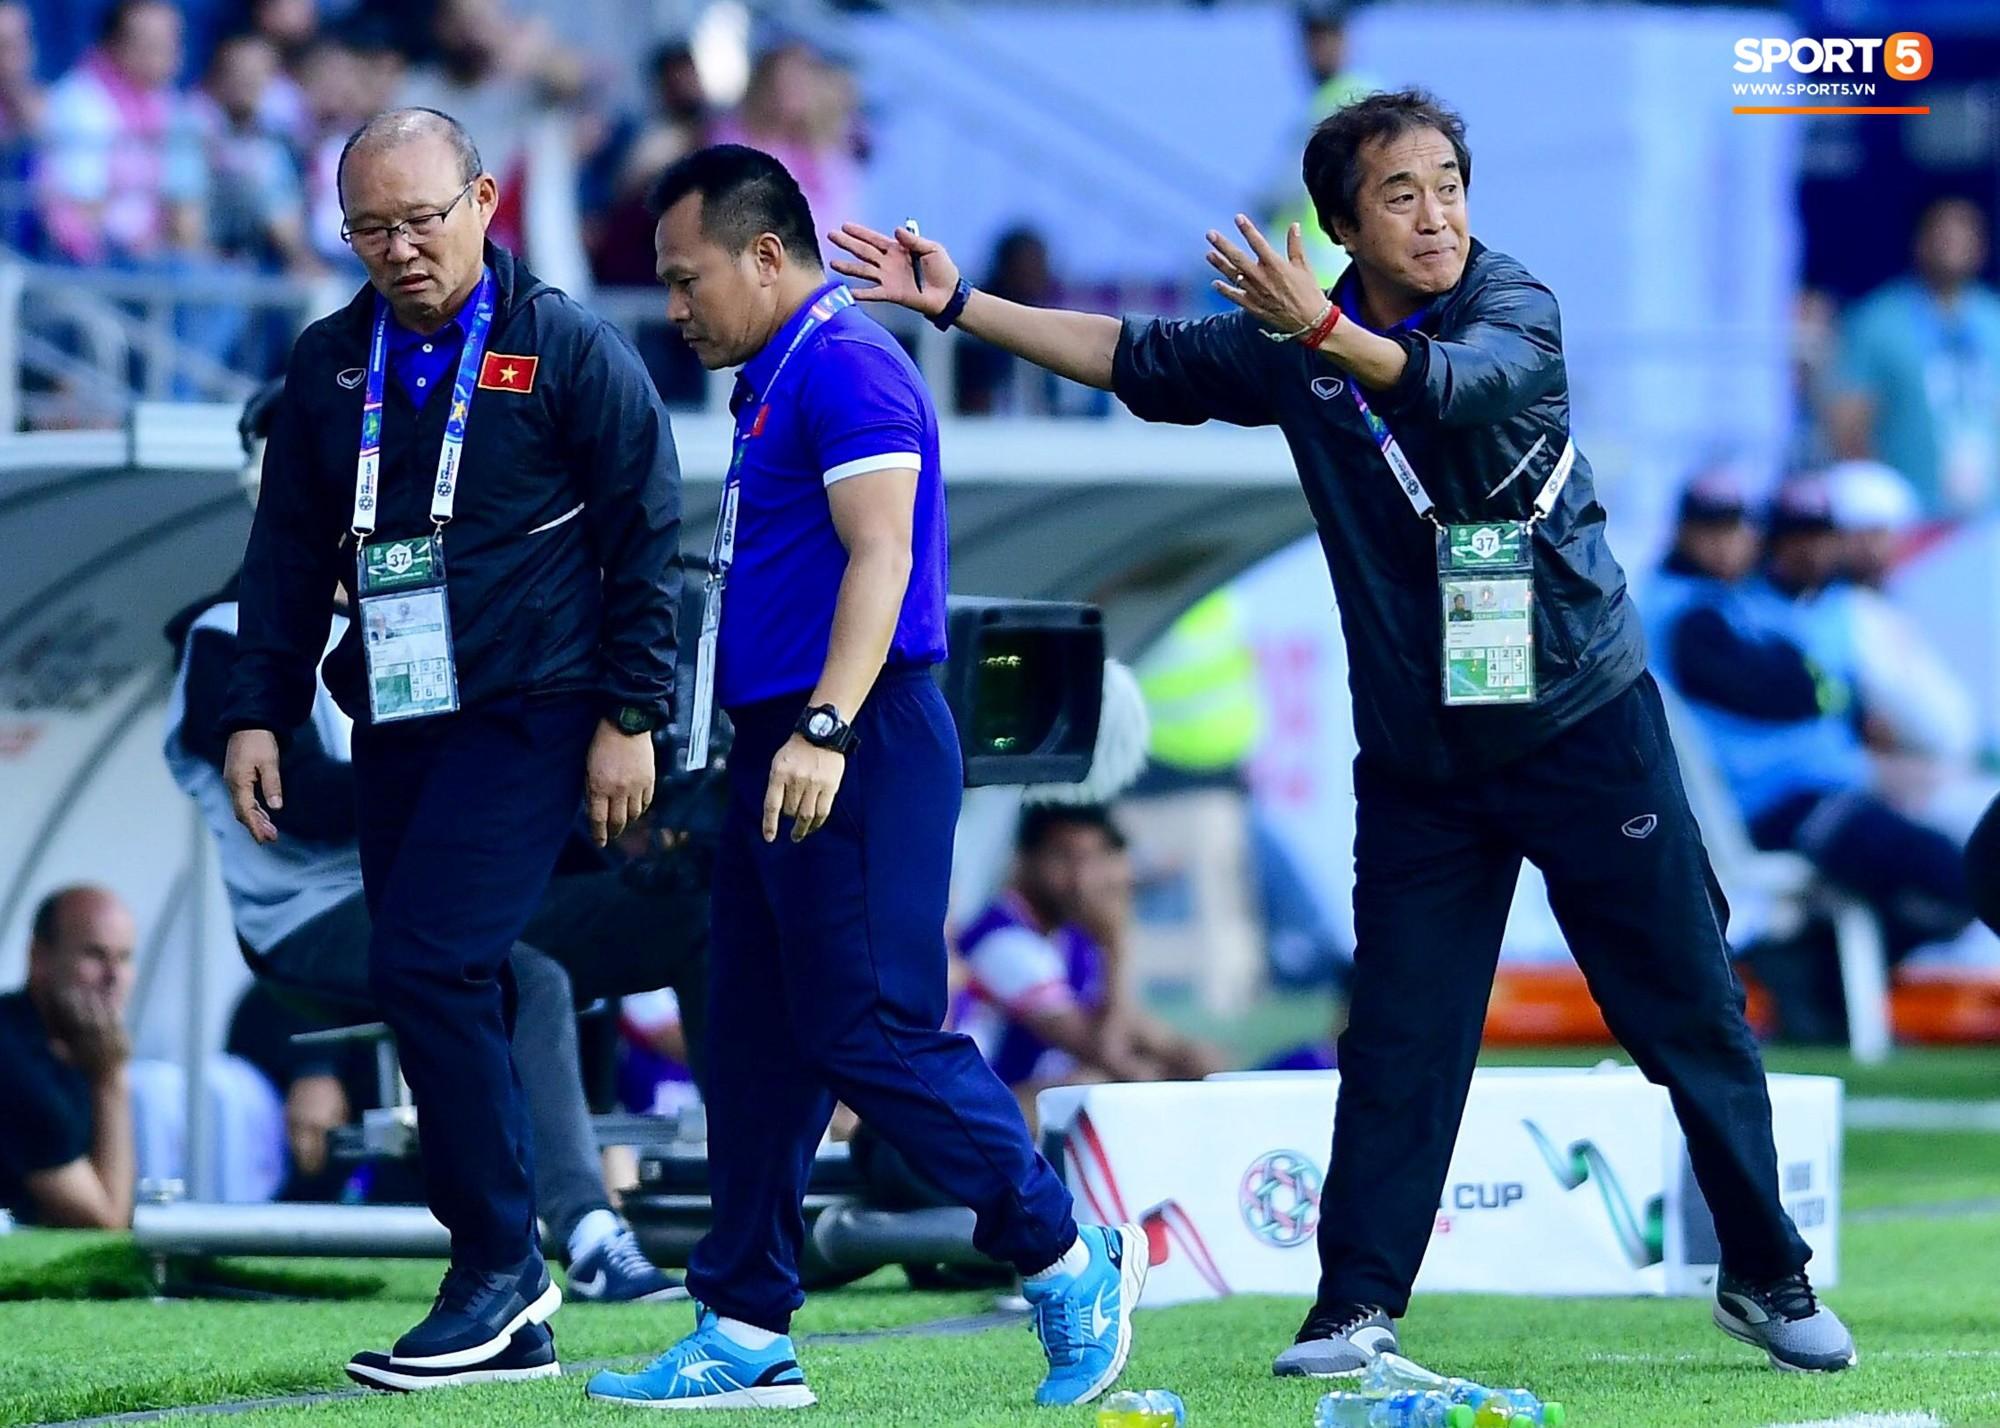 Quang Hải bị phạm lỗi, HLV Park Hang Seo gắt với cả trọng tài và HLV Jordan để đòi công bằng-7